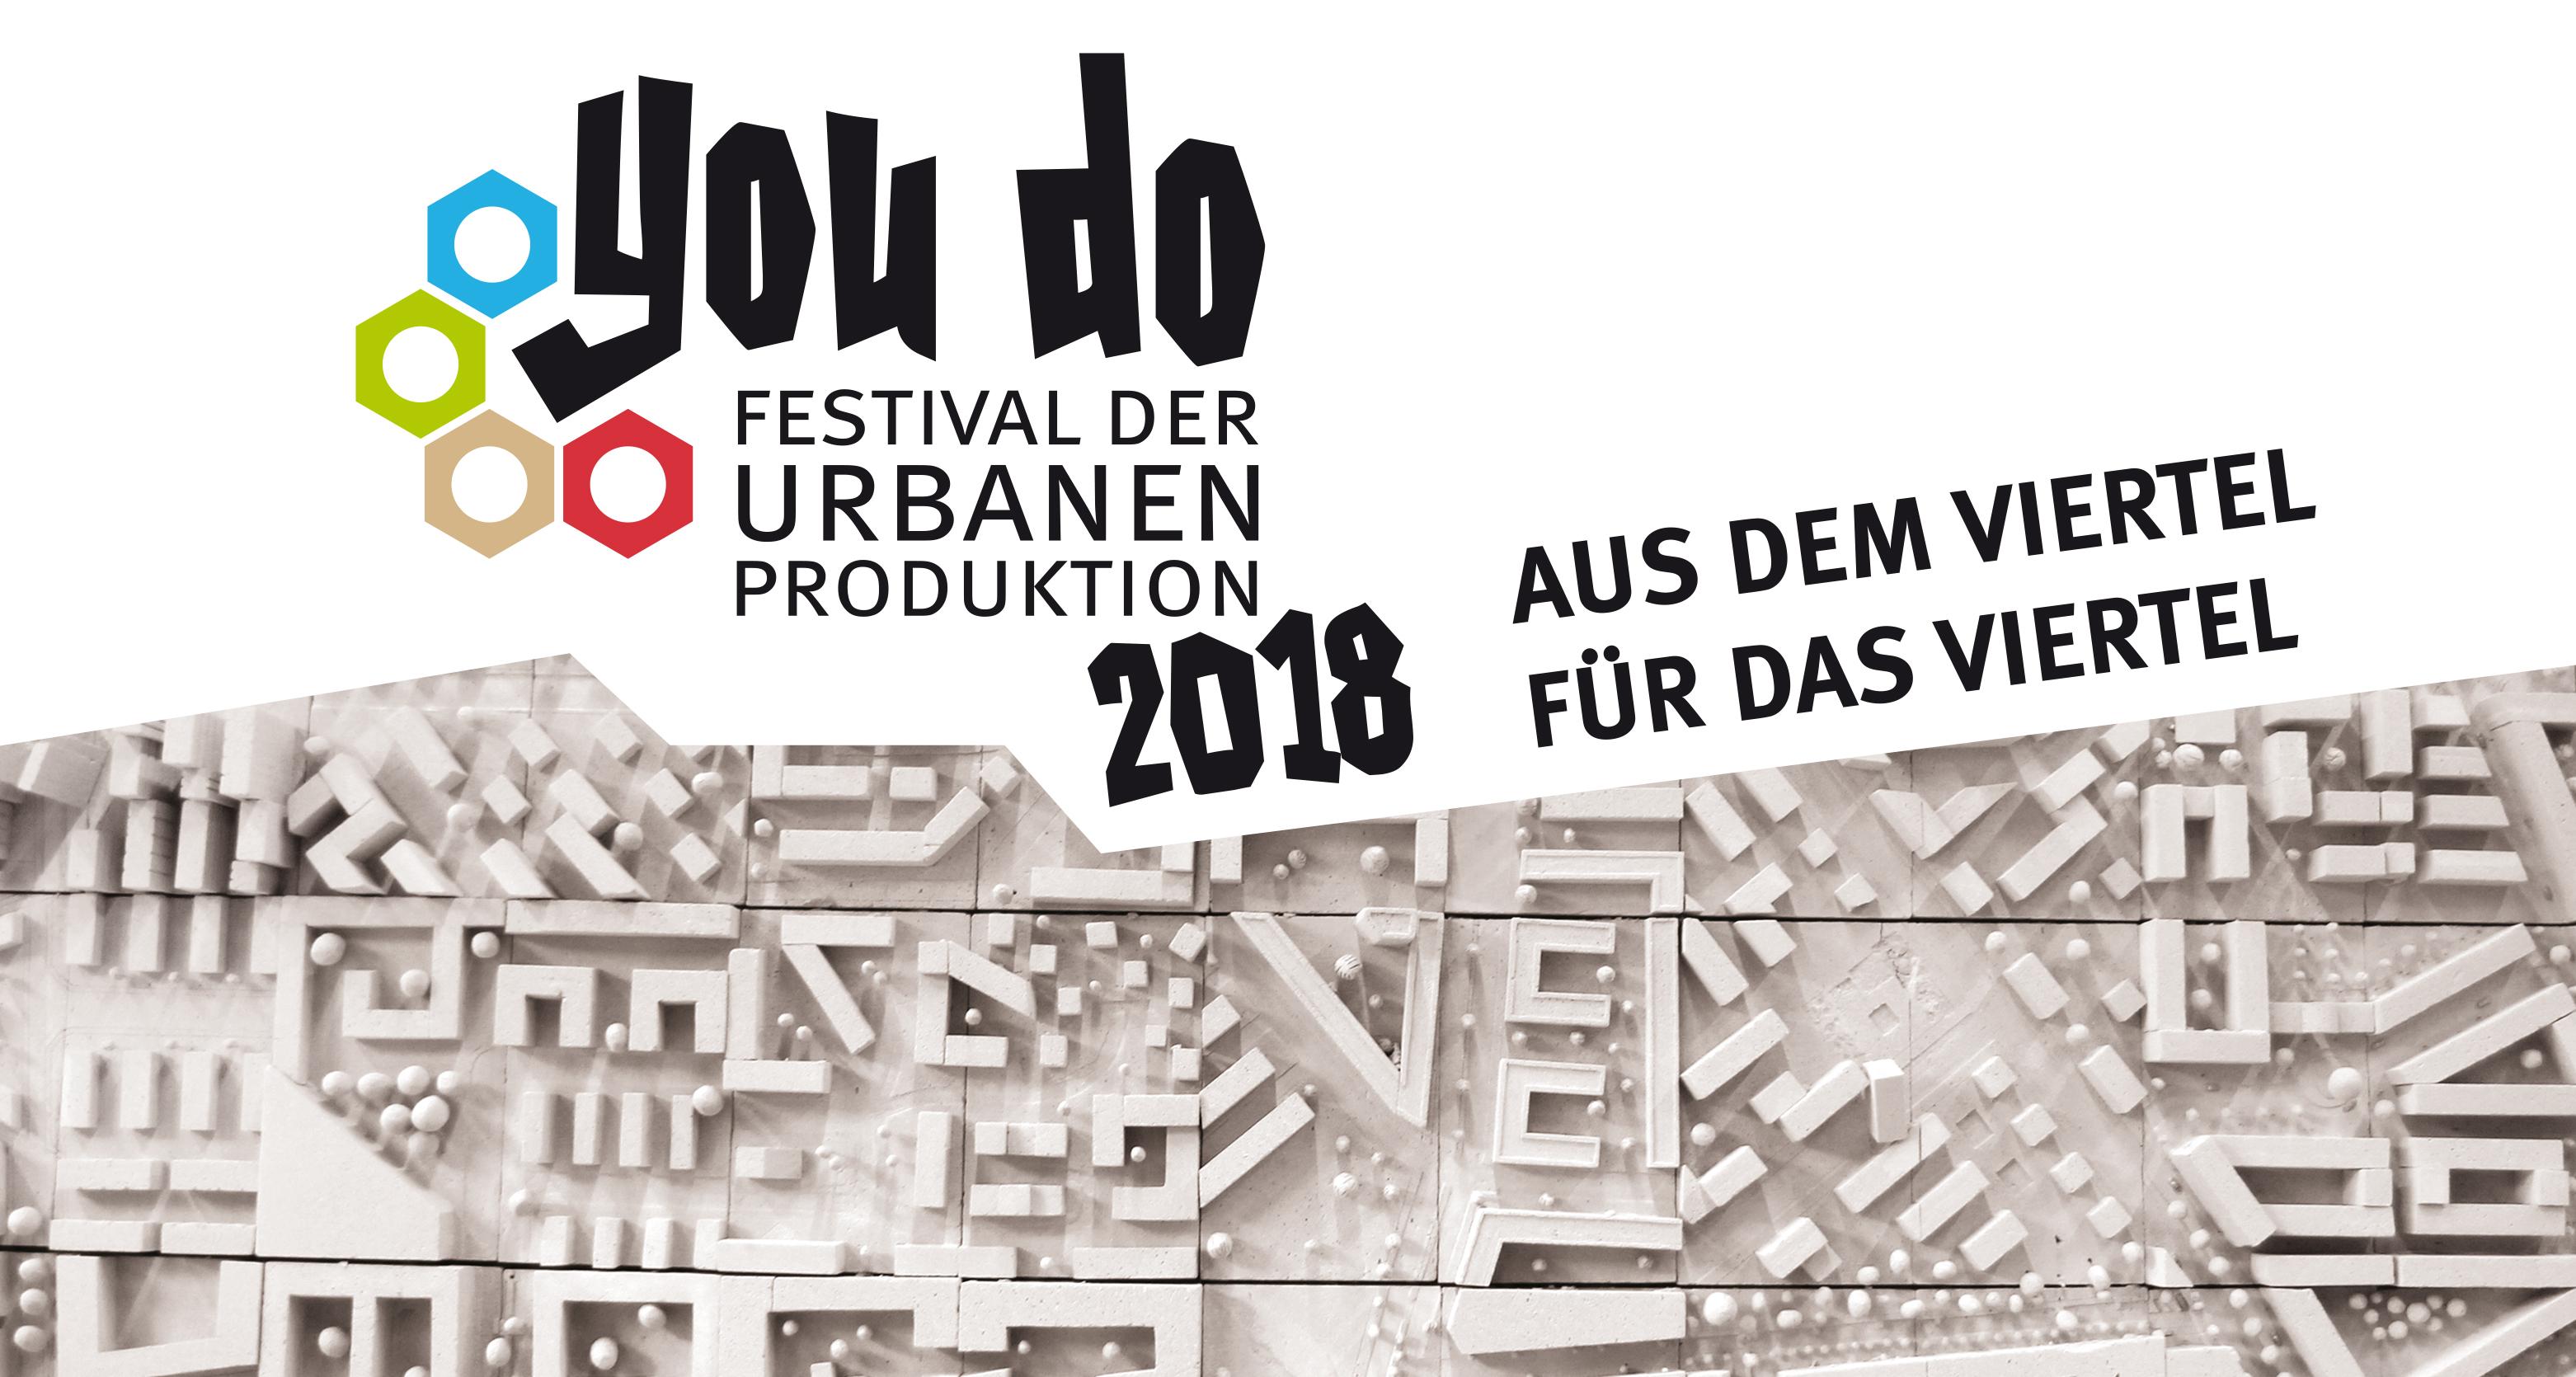 YOU DO - Abschlussfestival der urbanen Produktion in der Werkhalle